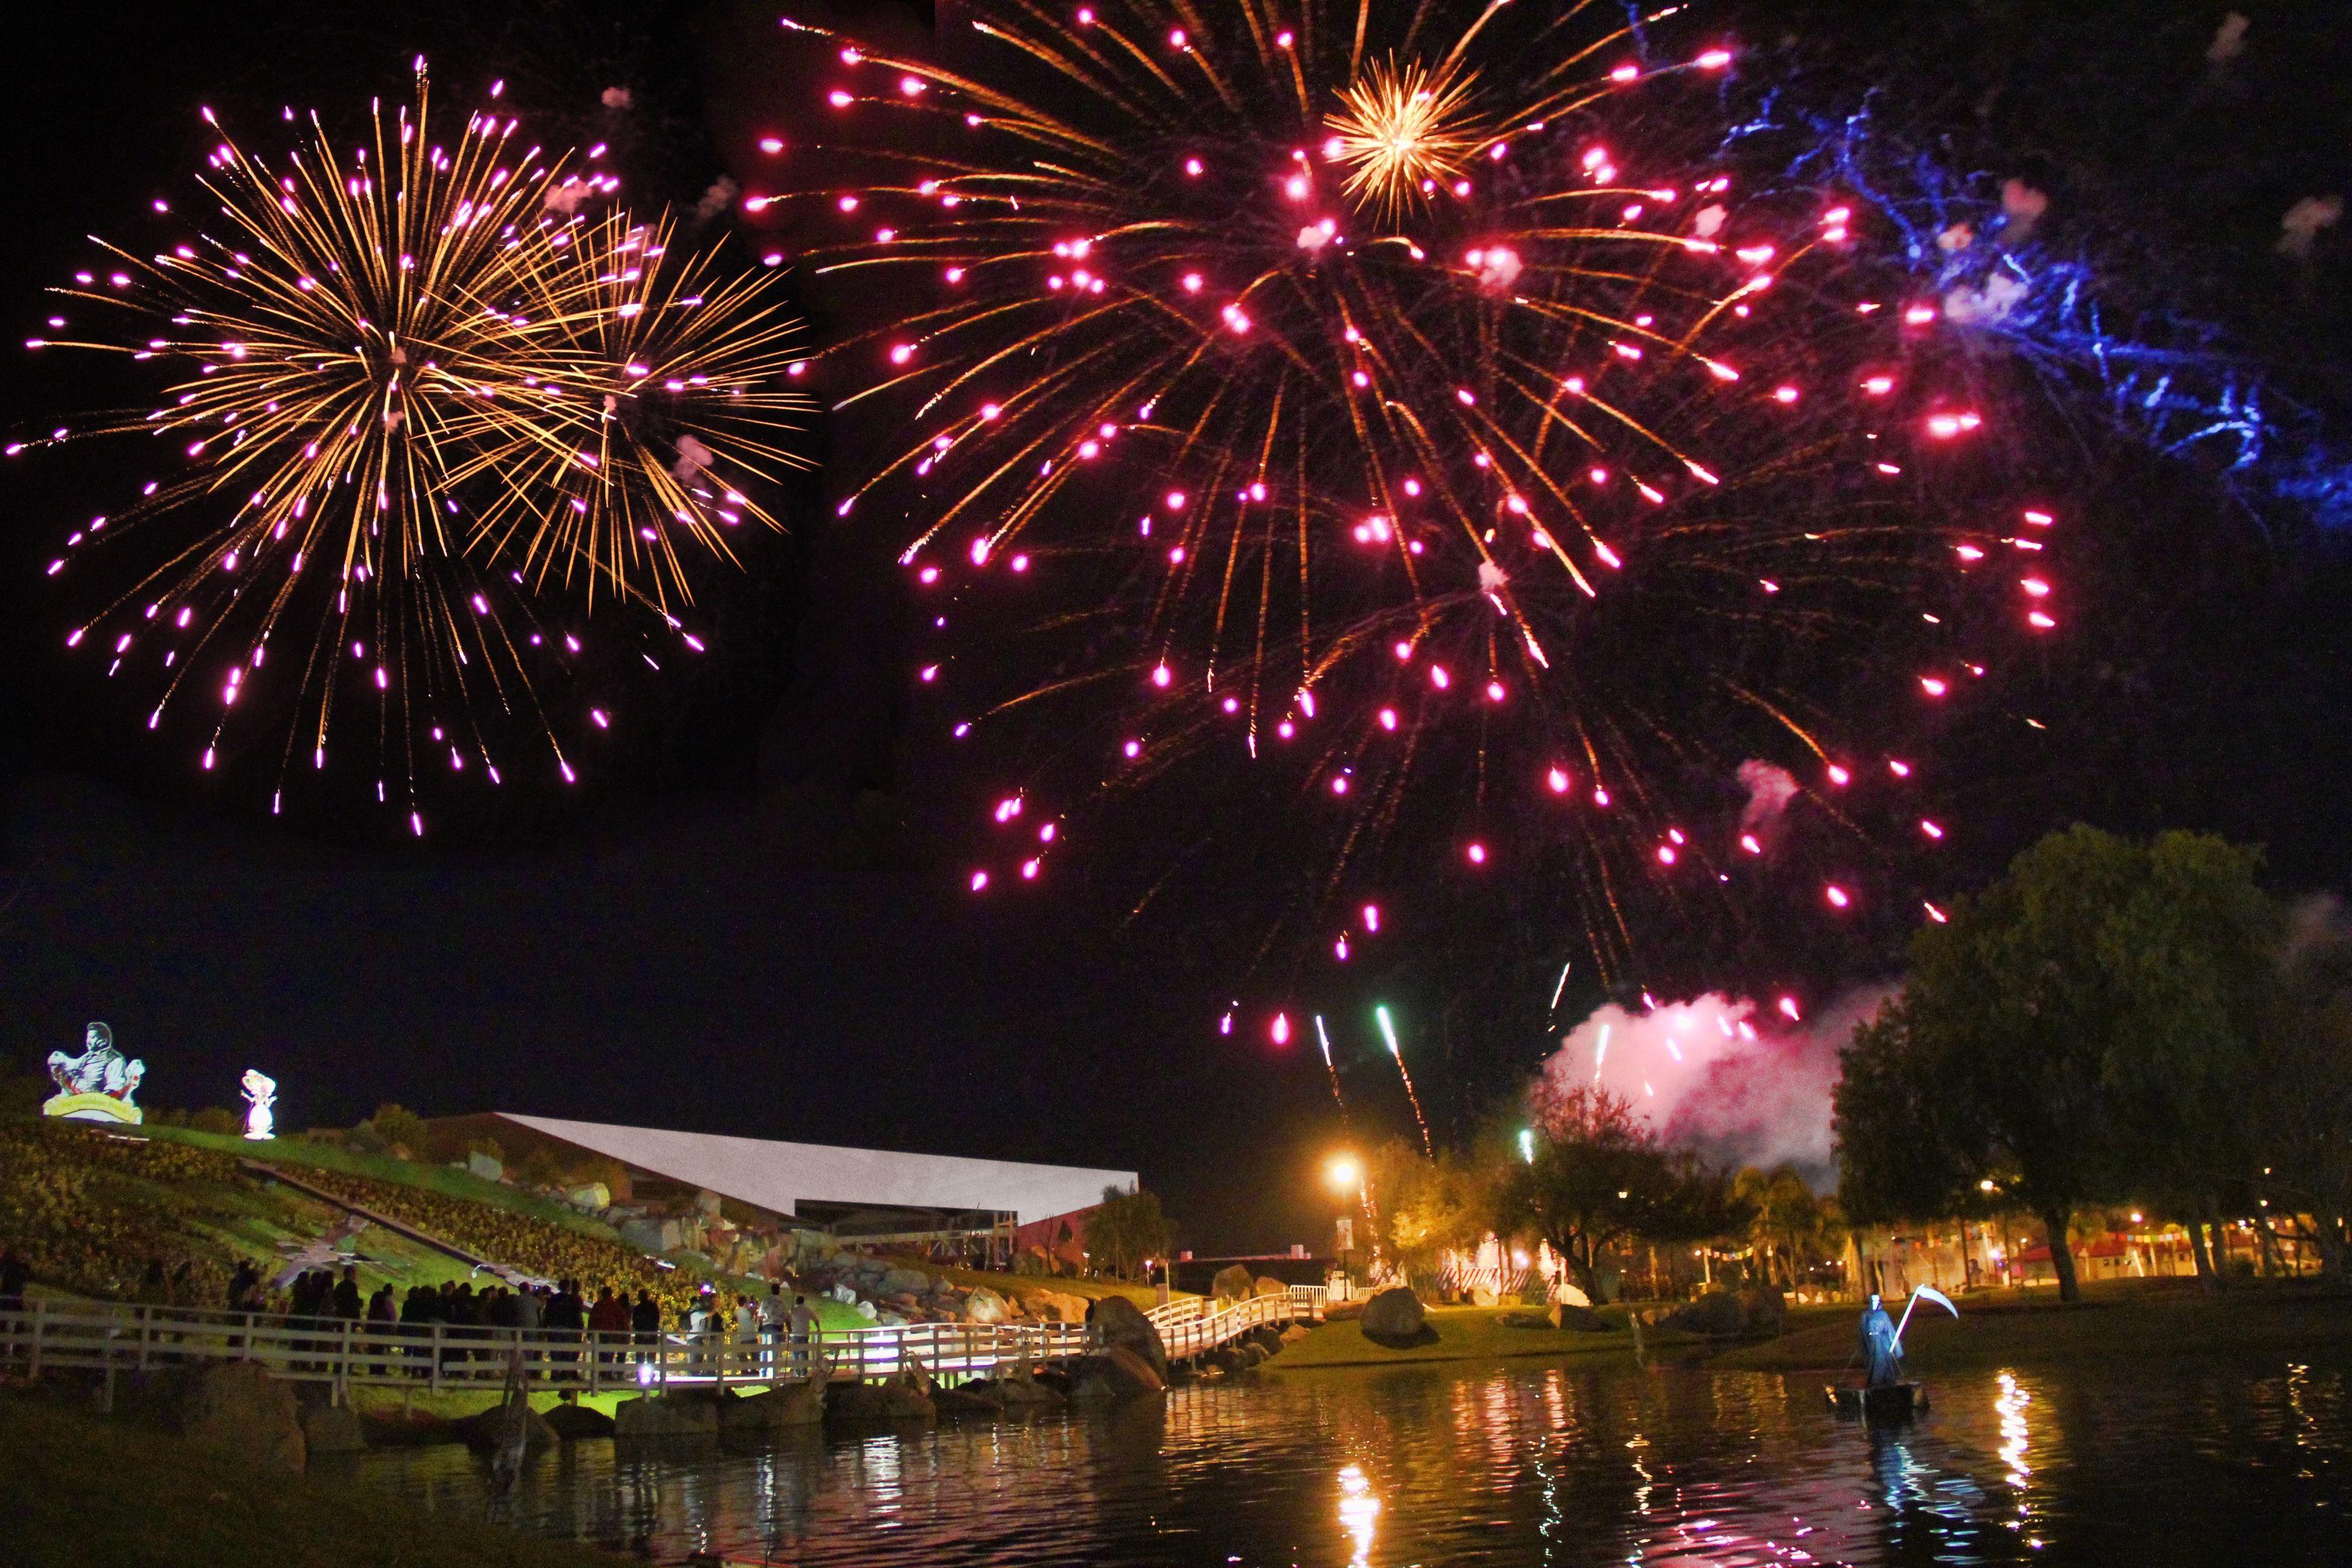 Fuegos artificiales durante el festival / Fireworks during the festival